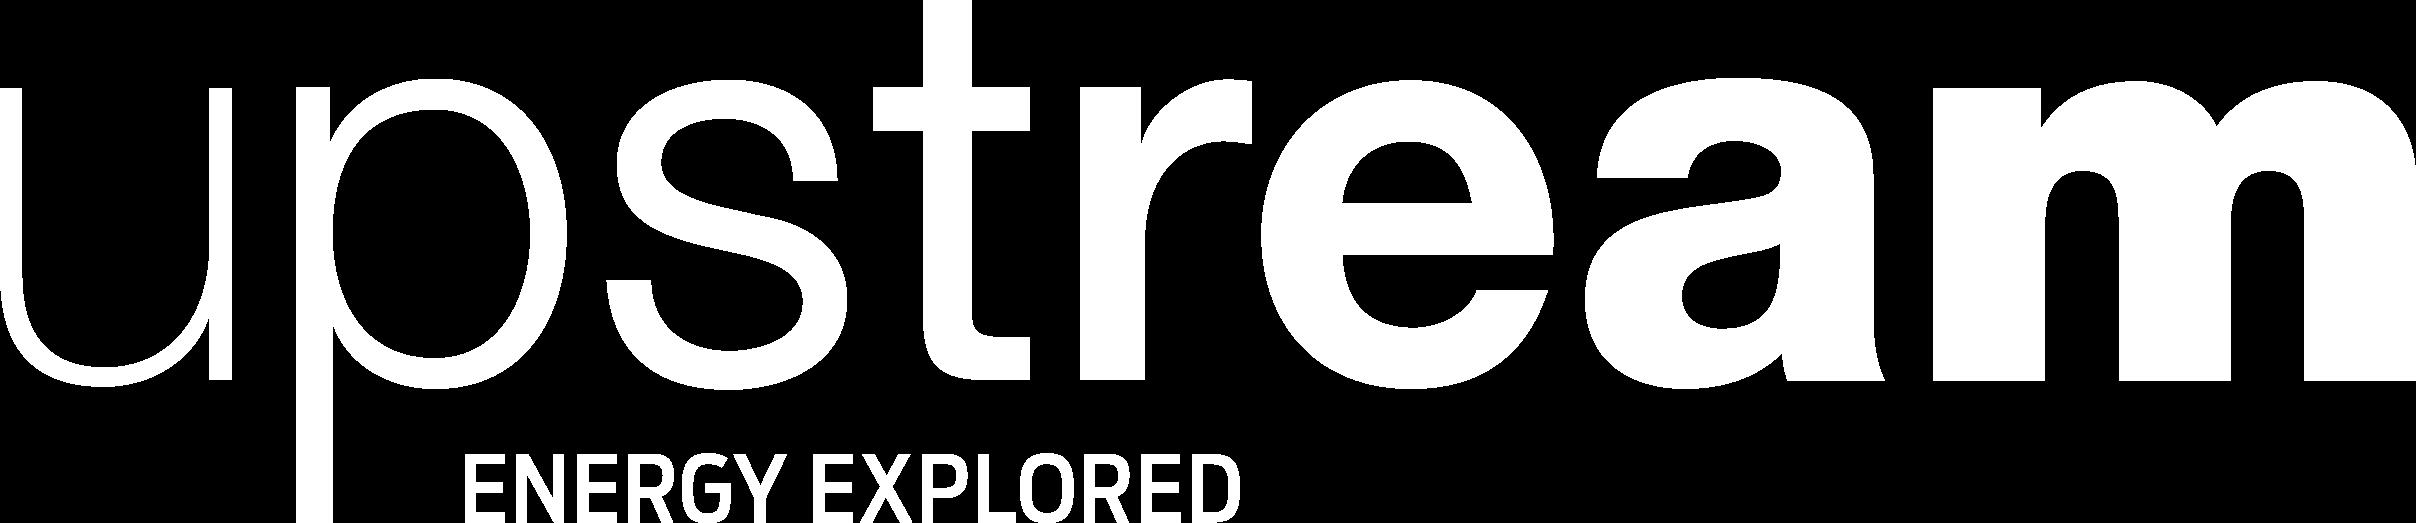 UP Logo (Energy, Explored)_white